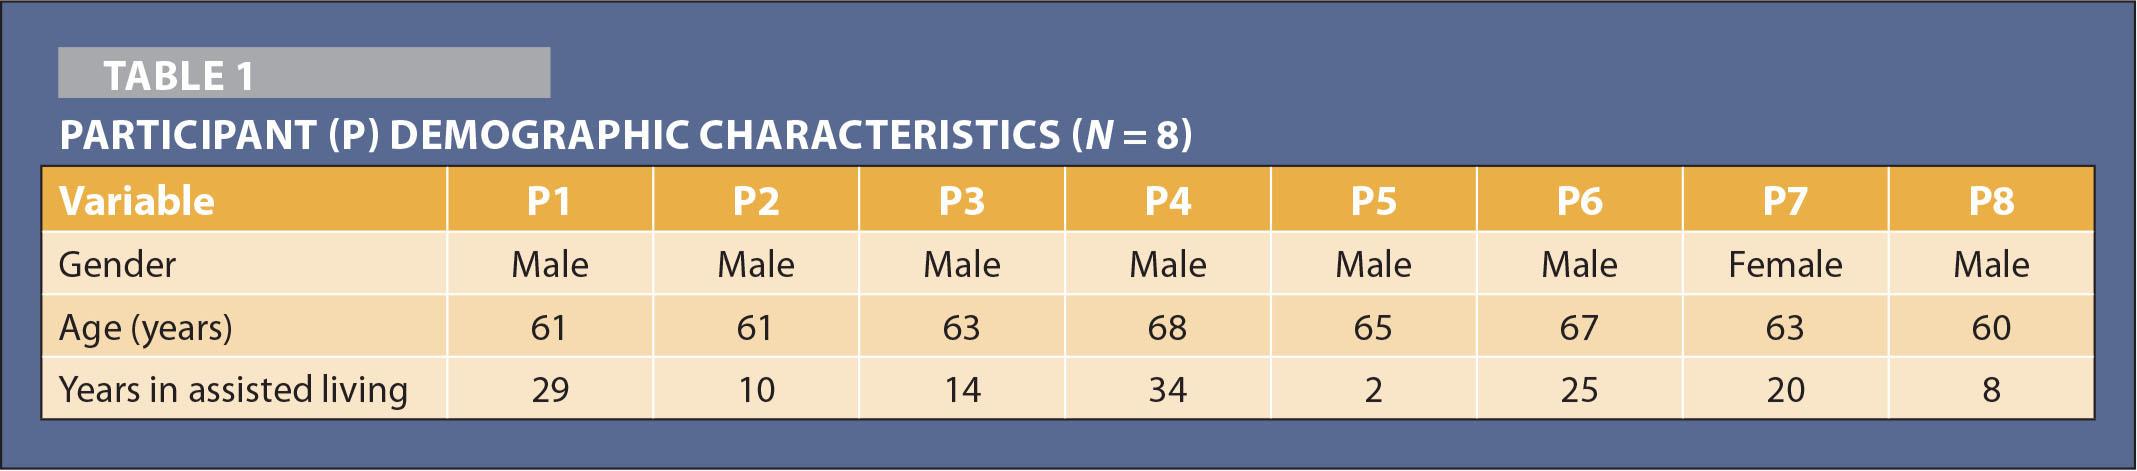 Participant (P) Demographic Characteristics (N = 8)